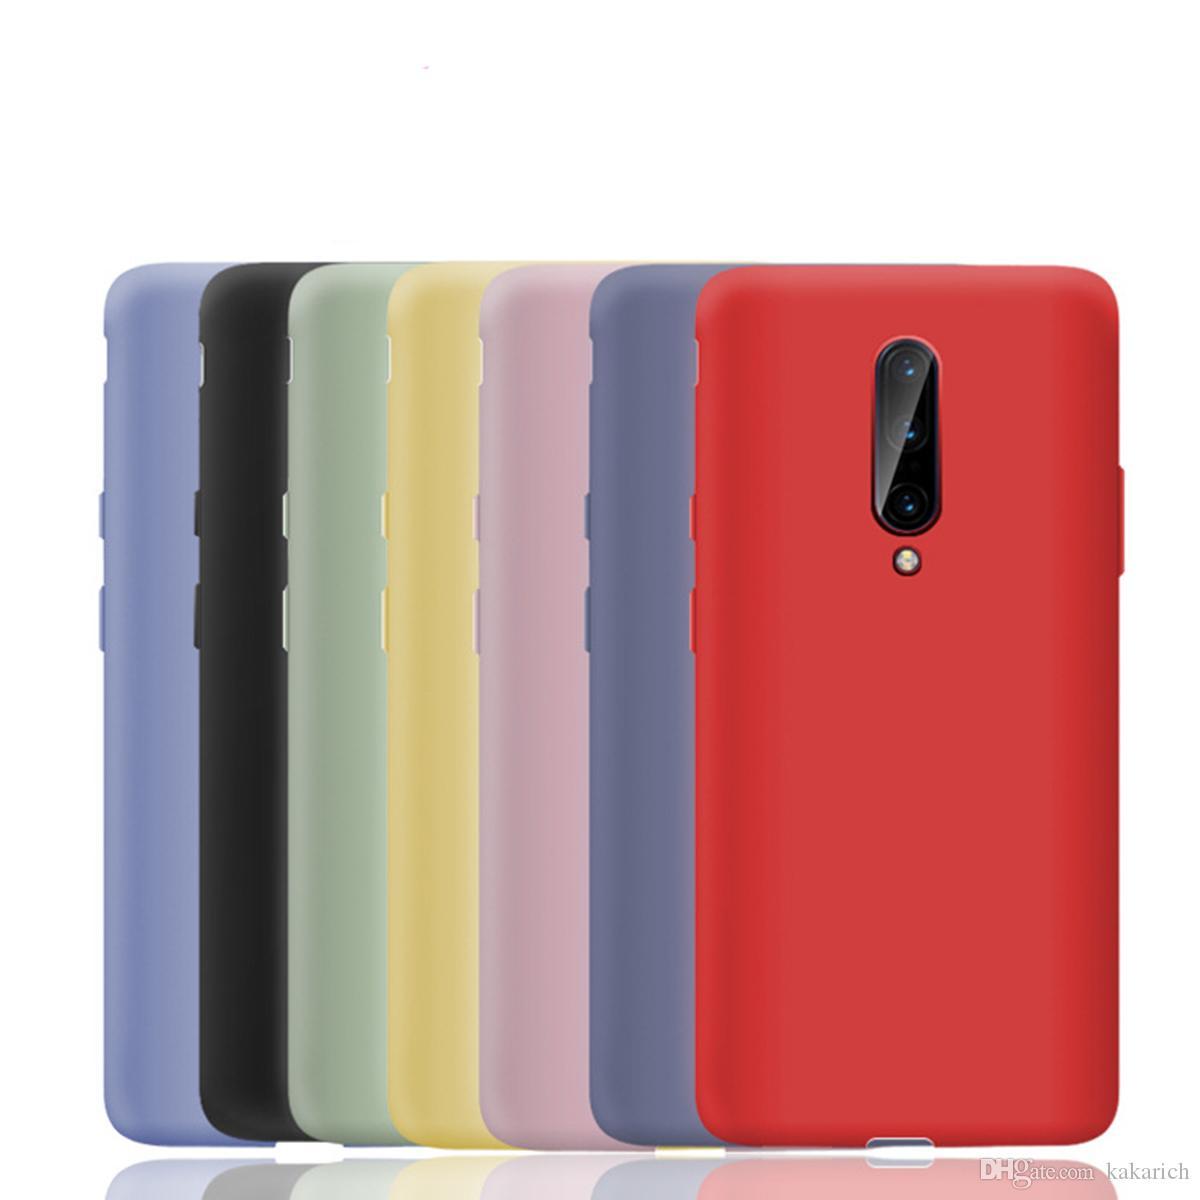 Venta al por mayor 2 piezas para Oneplus 7 Pro / 7 funda líquida de silicona suave tpu cubierta protectora ultra delgada piel de cáscara brillante a prueba de golpes